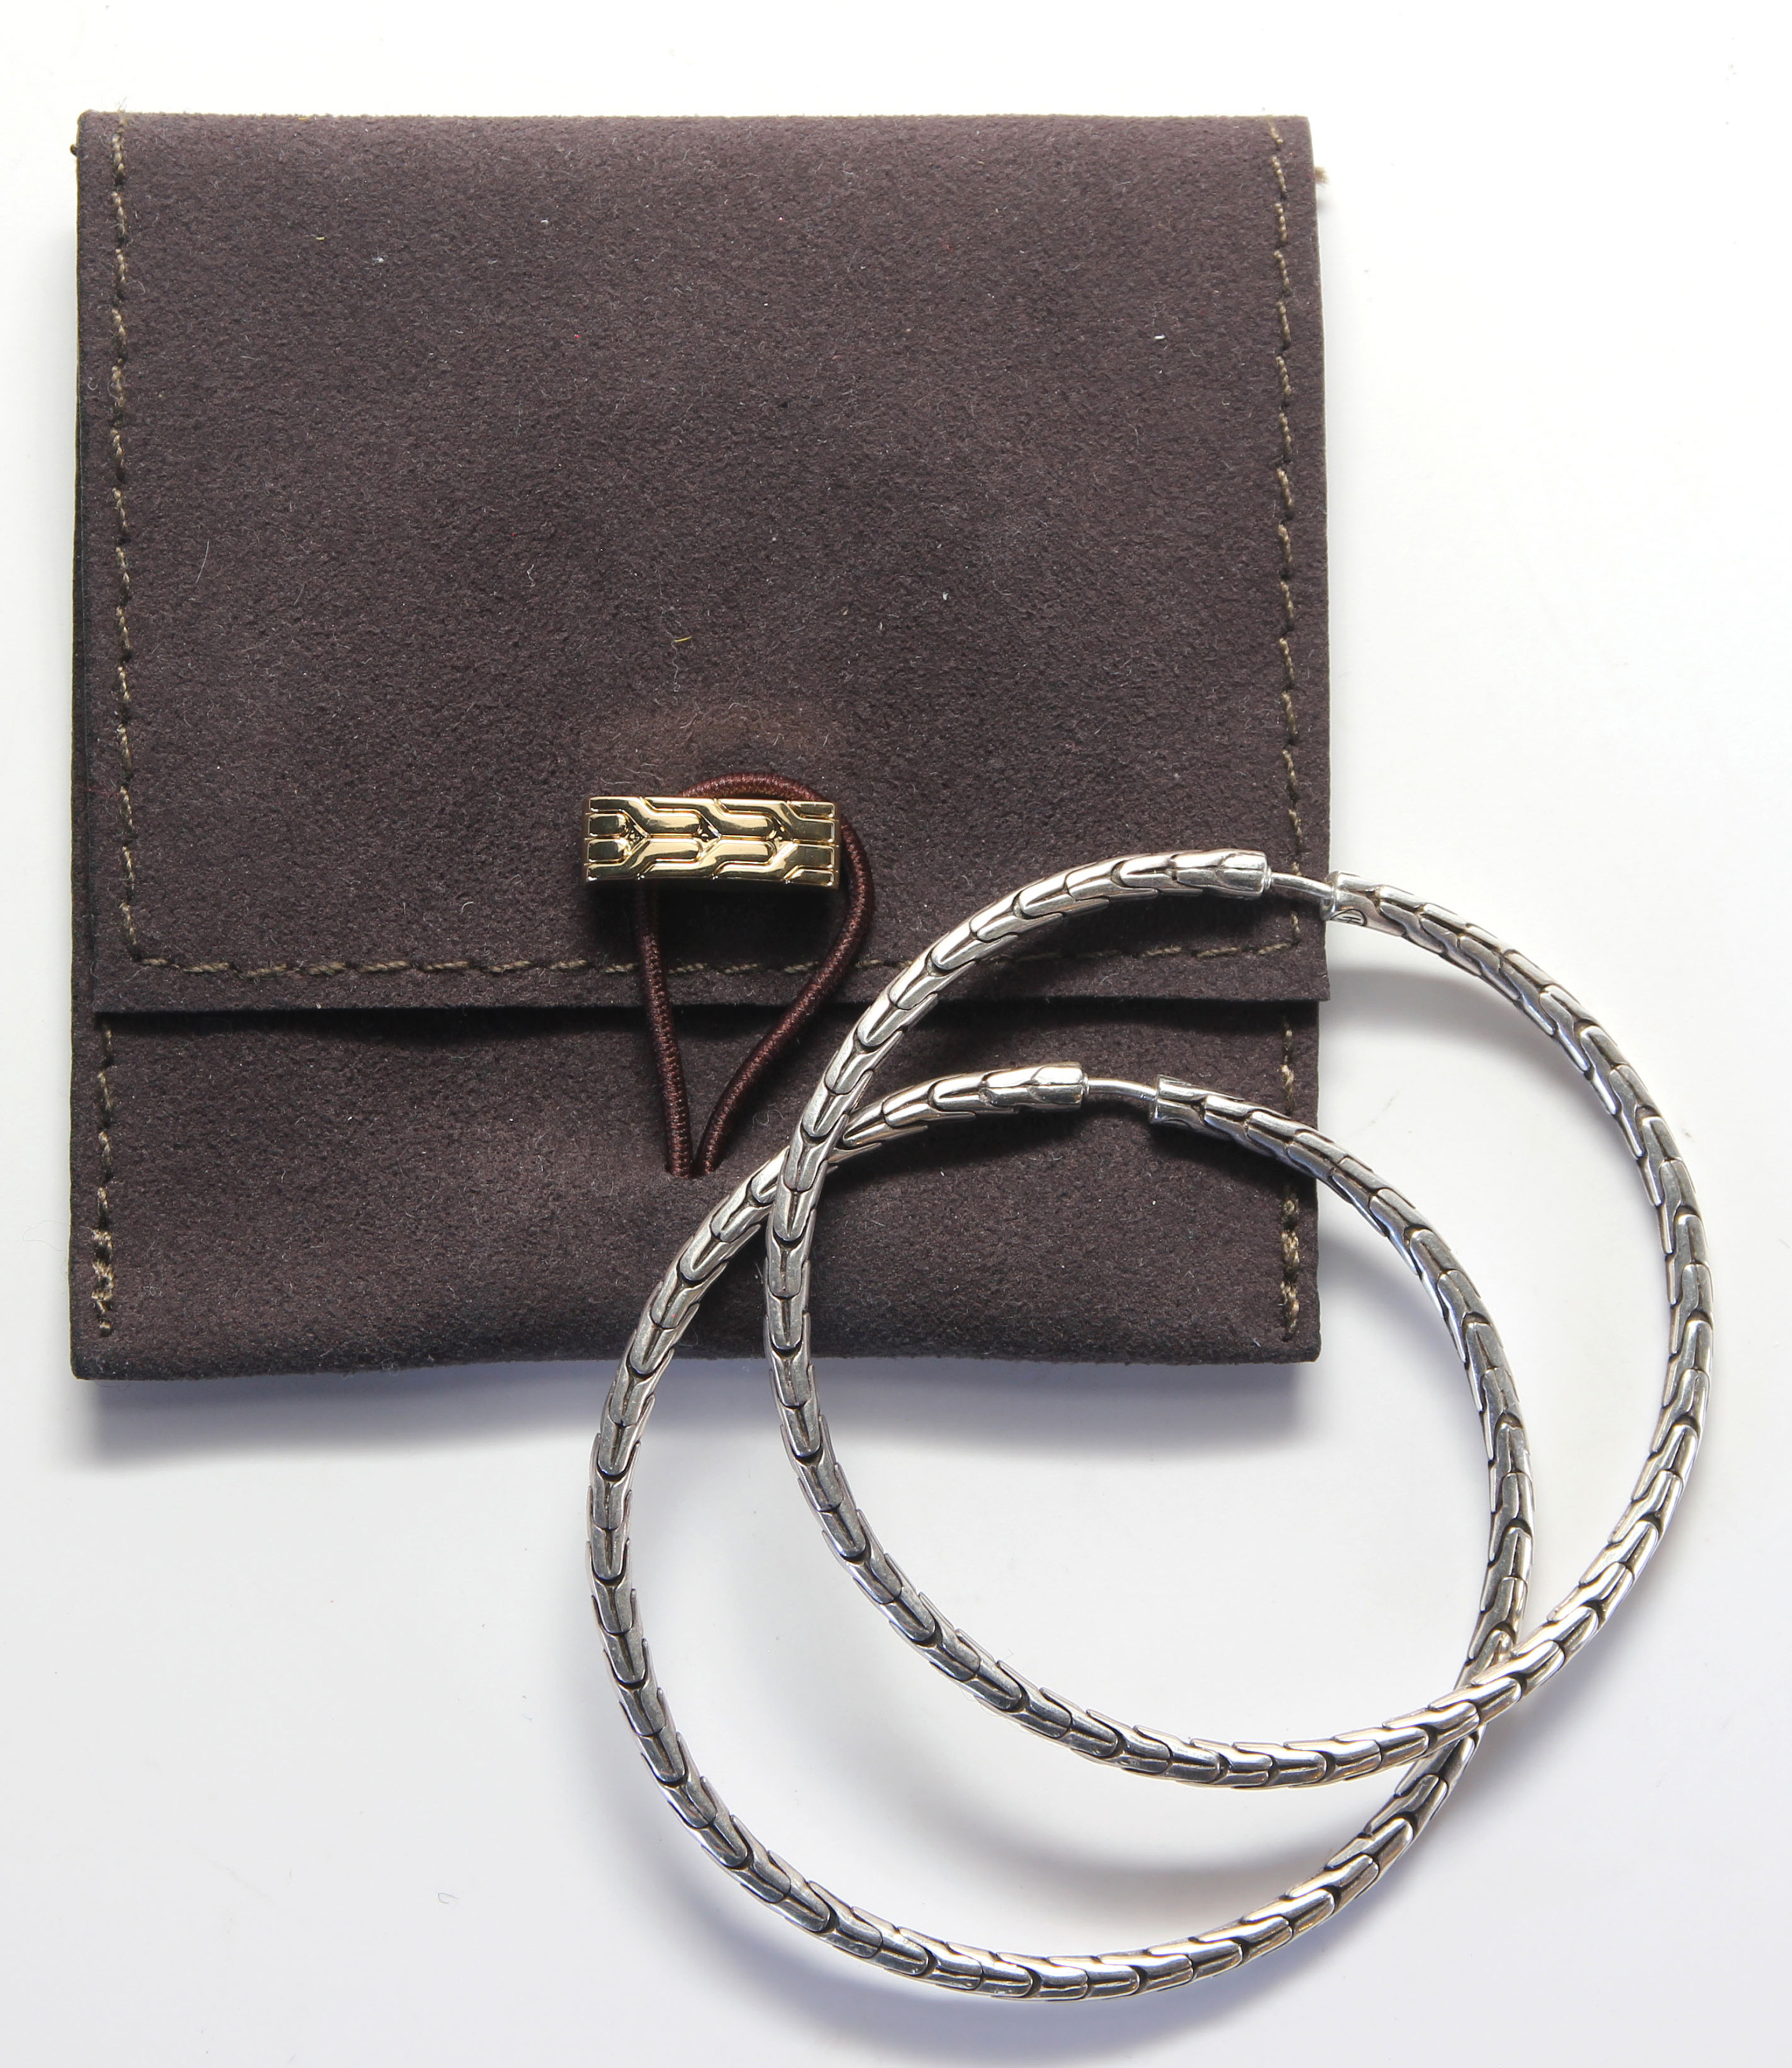 Lot 2881 - Pair of John Hardy sterling silver hoop earrings